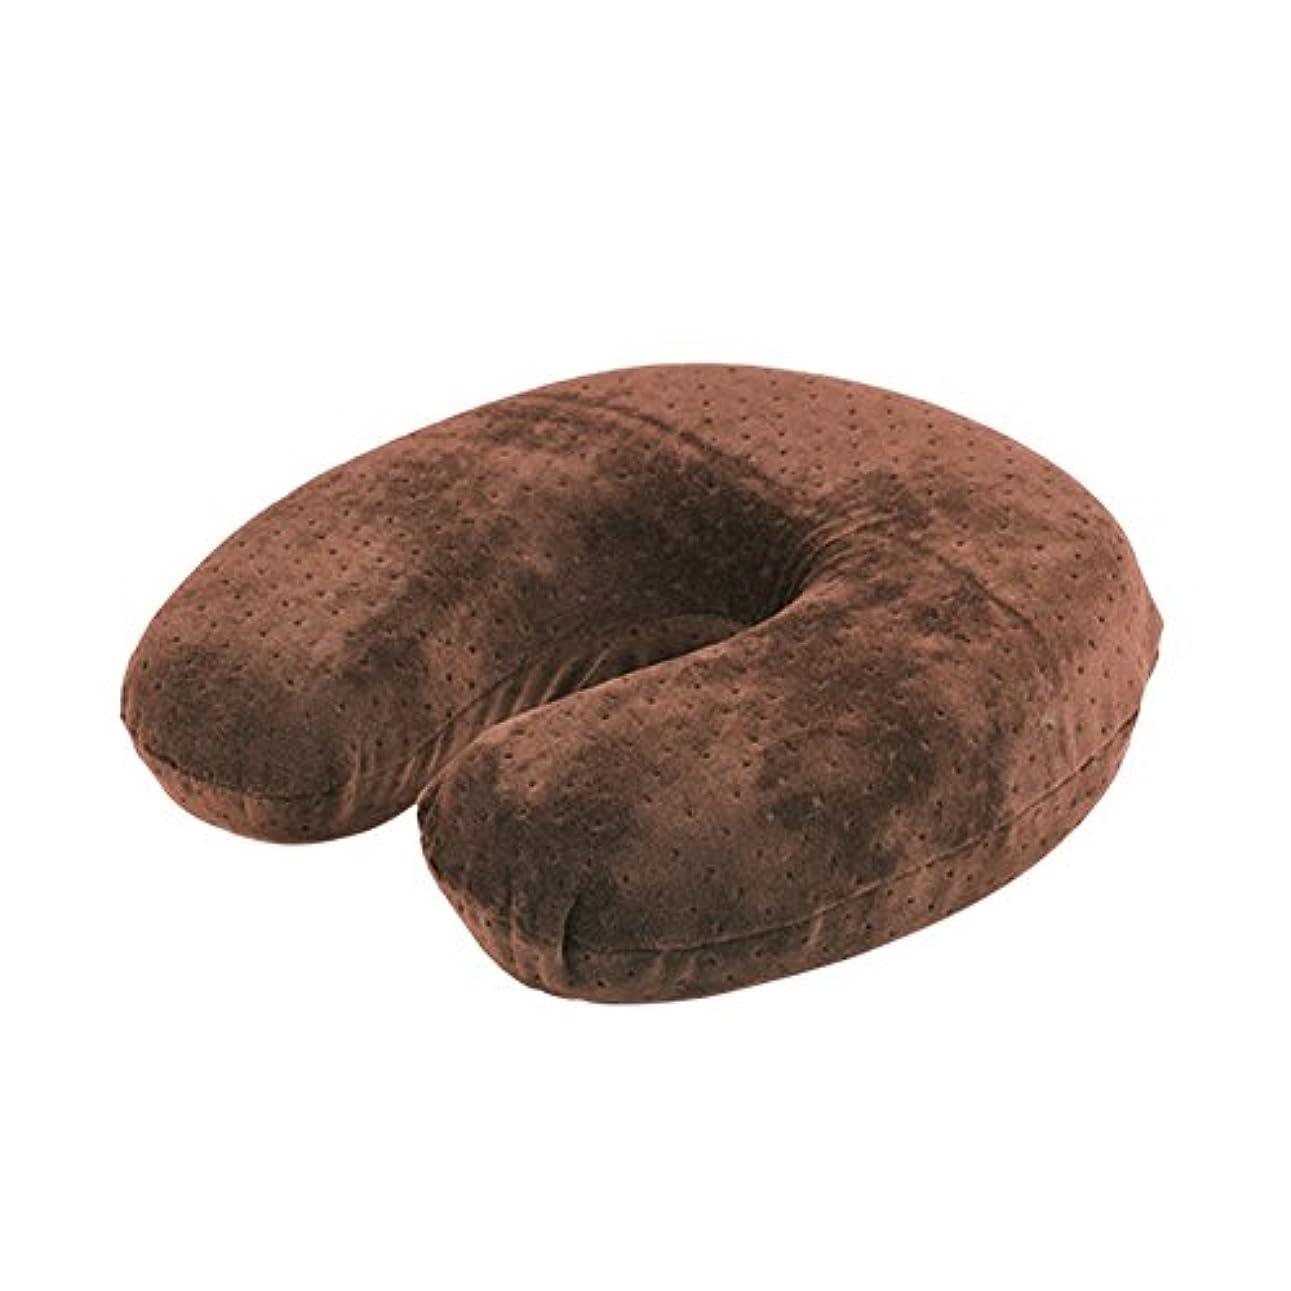 疾患スコットランド人速度U字型枕、ビロードの反発の記憶泡の首の頭部の頚部枕残り旅行クッション(Brown)